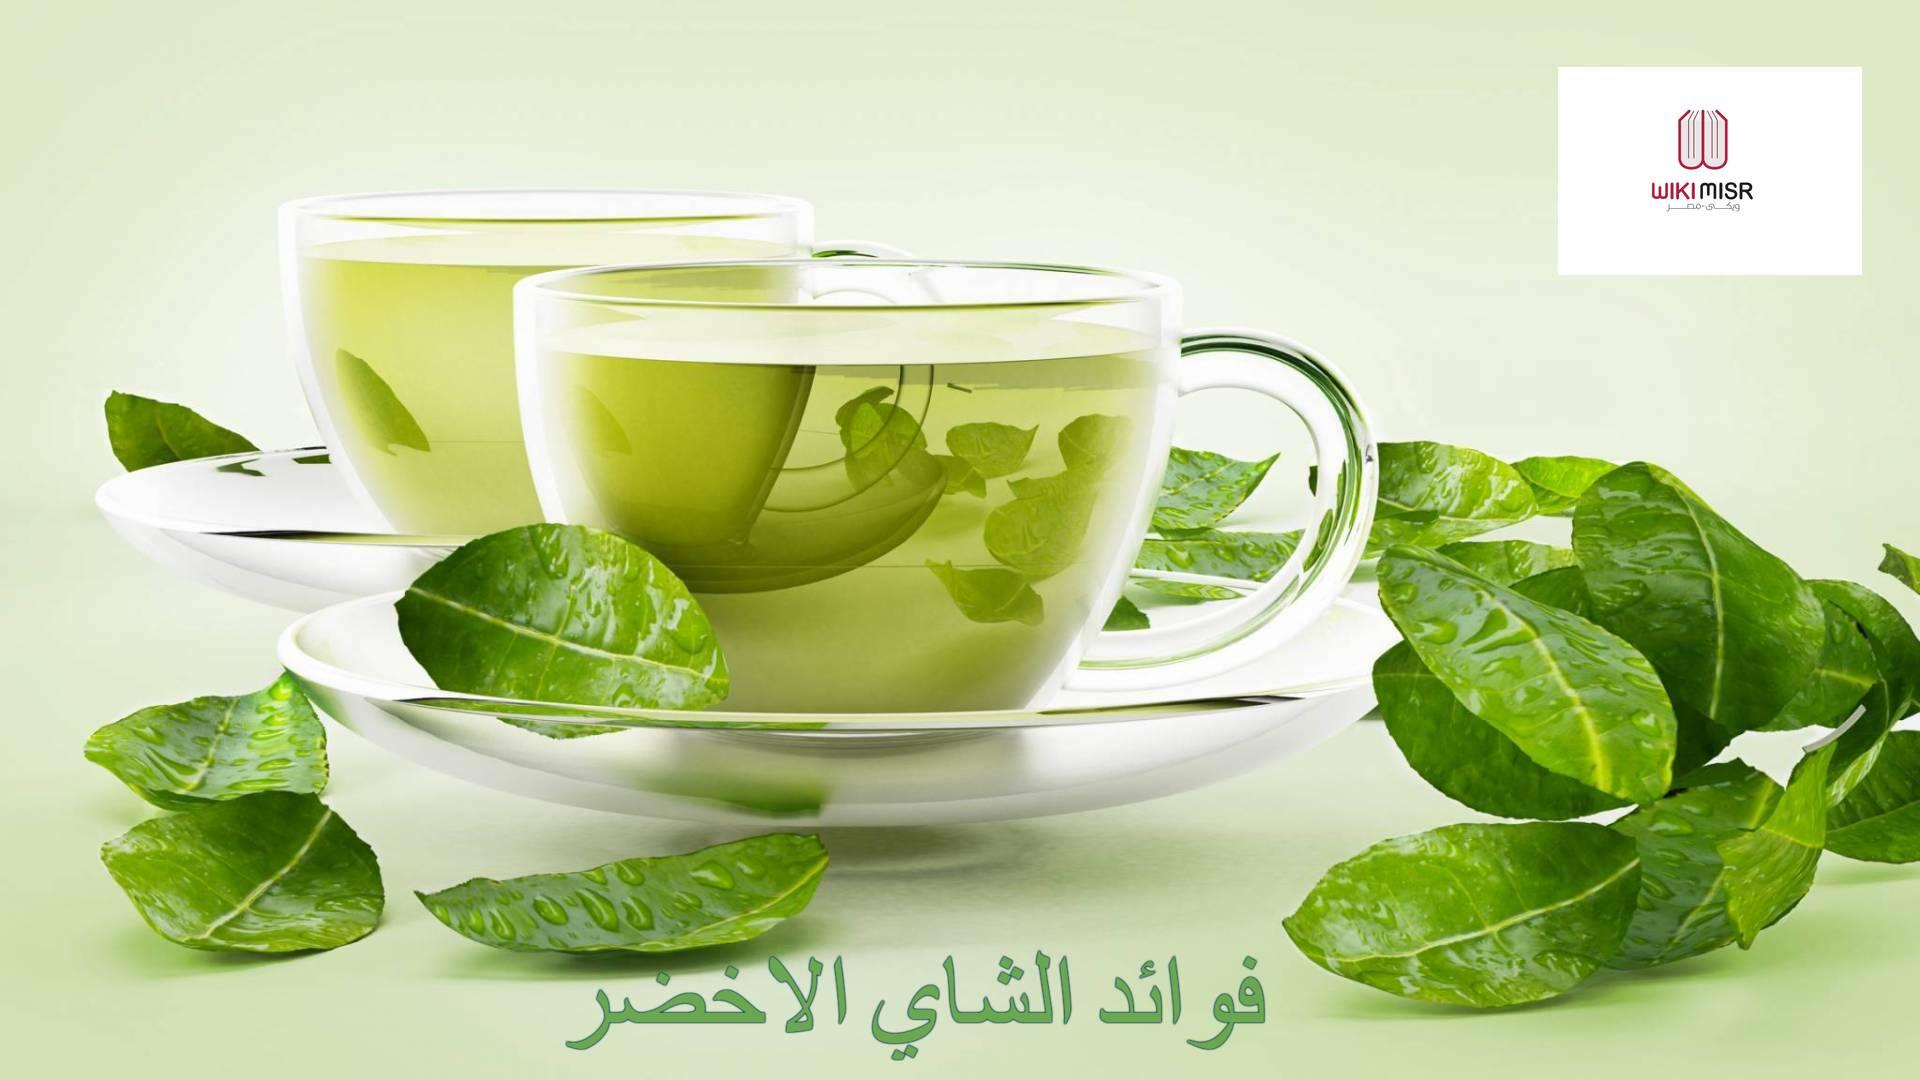 فوائد الشاي الاخضر وأضراره